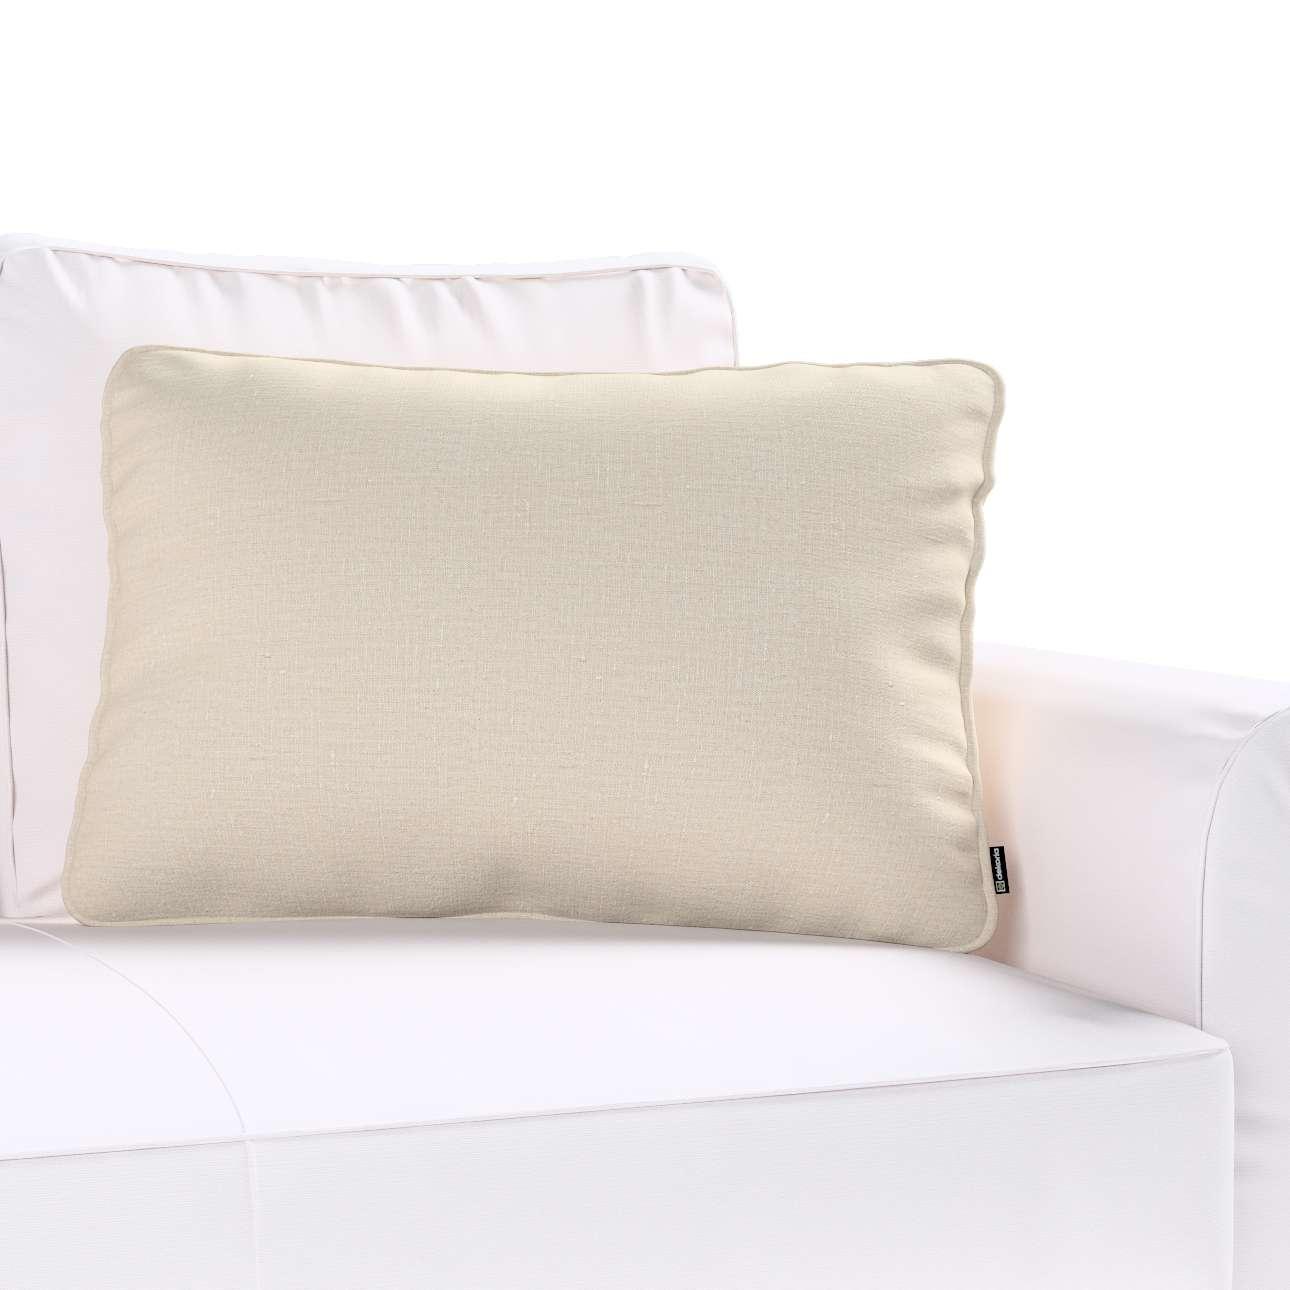 Poszewka Gabi na poduszkę prostokątna w kolekcji Linen, tkanina: 392-05